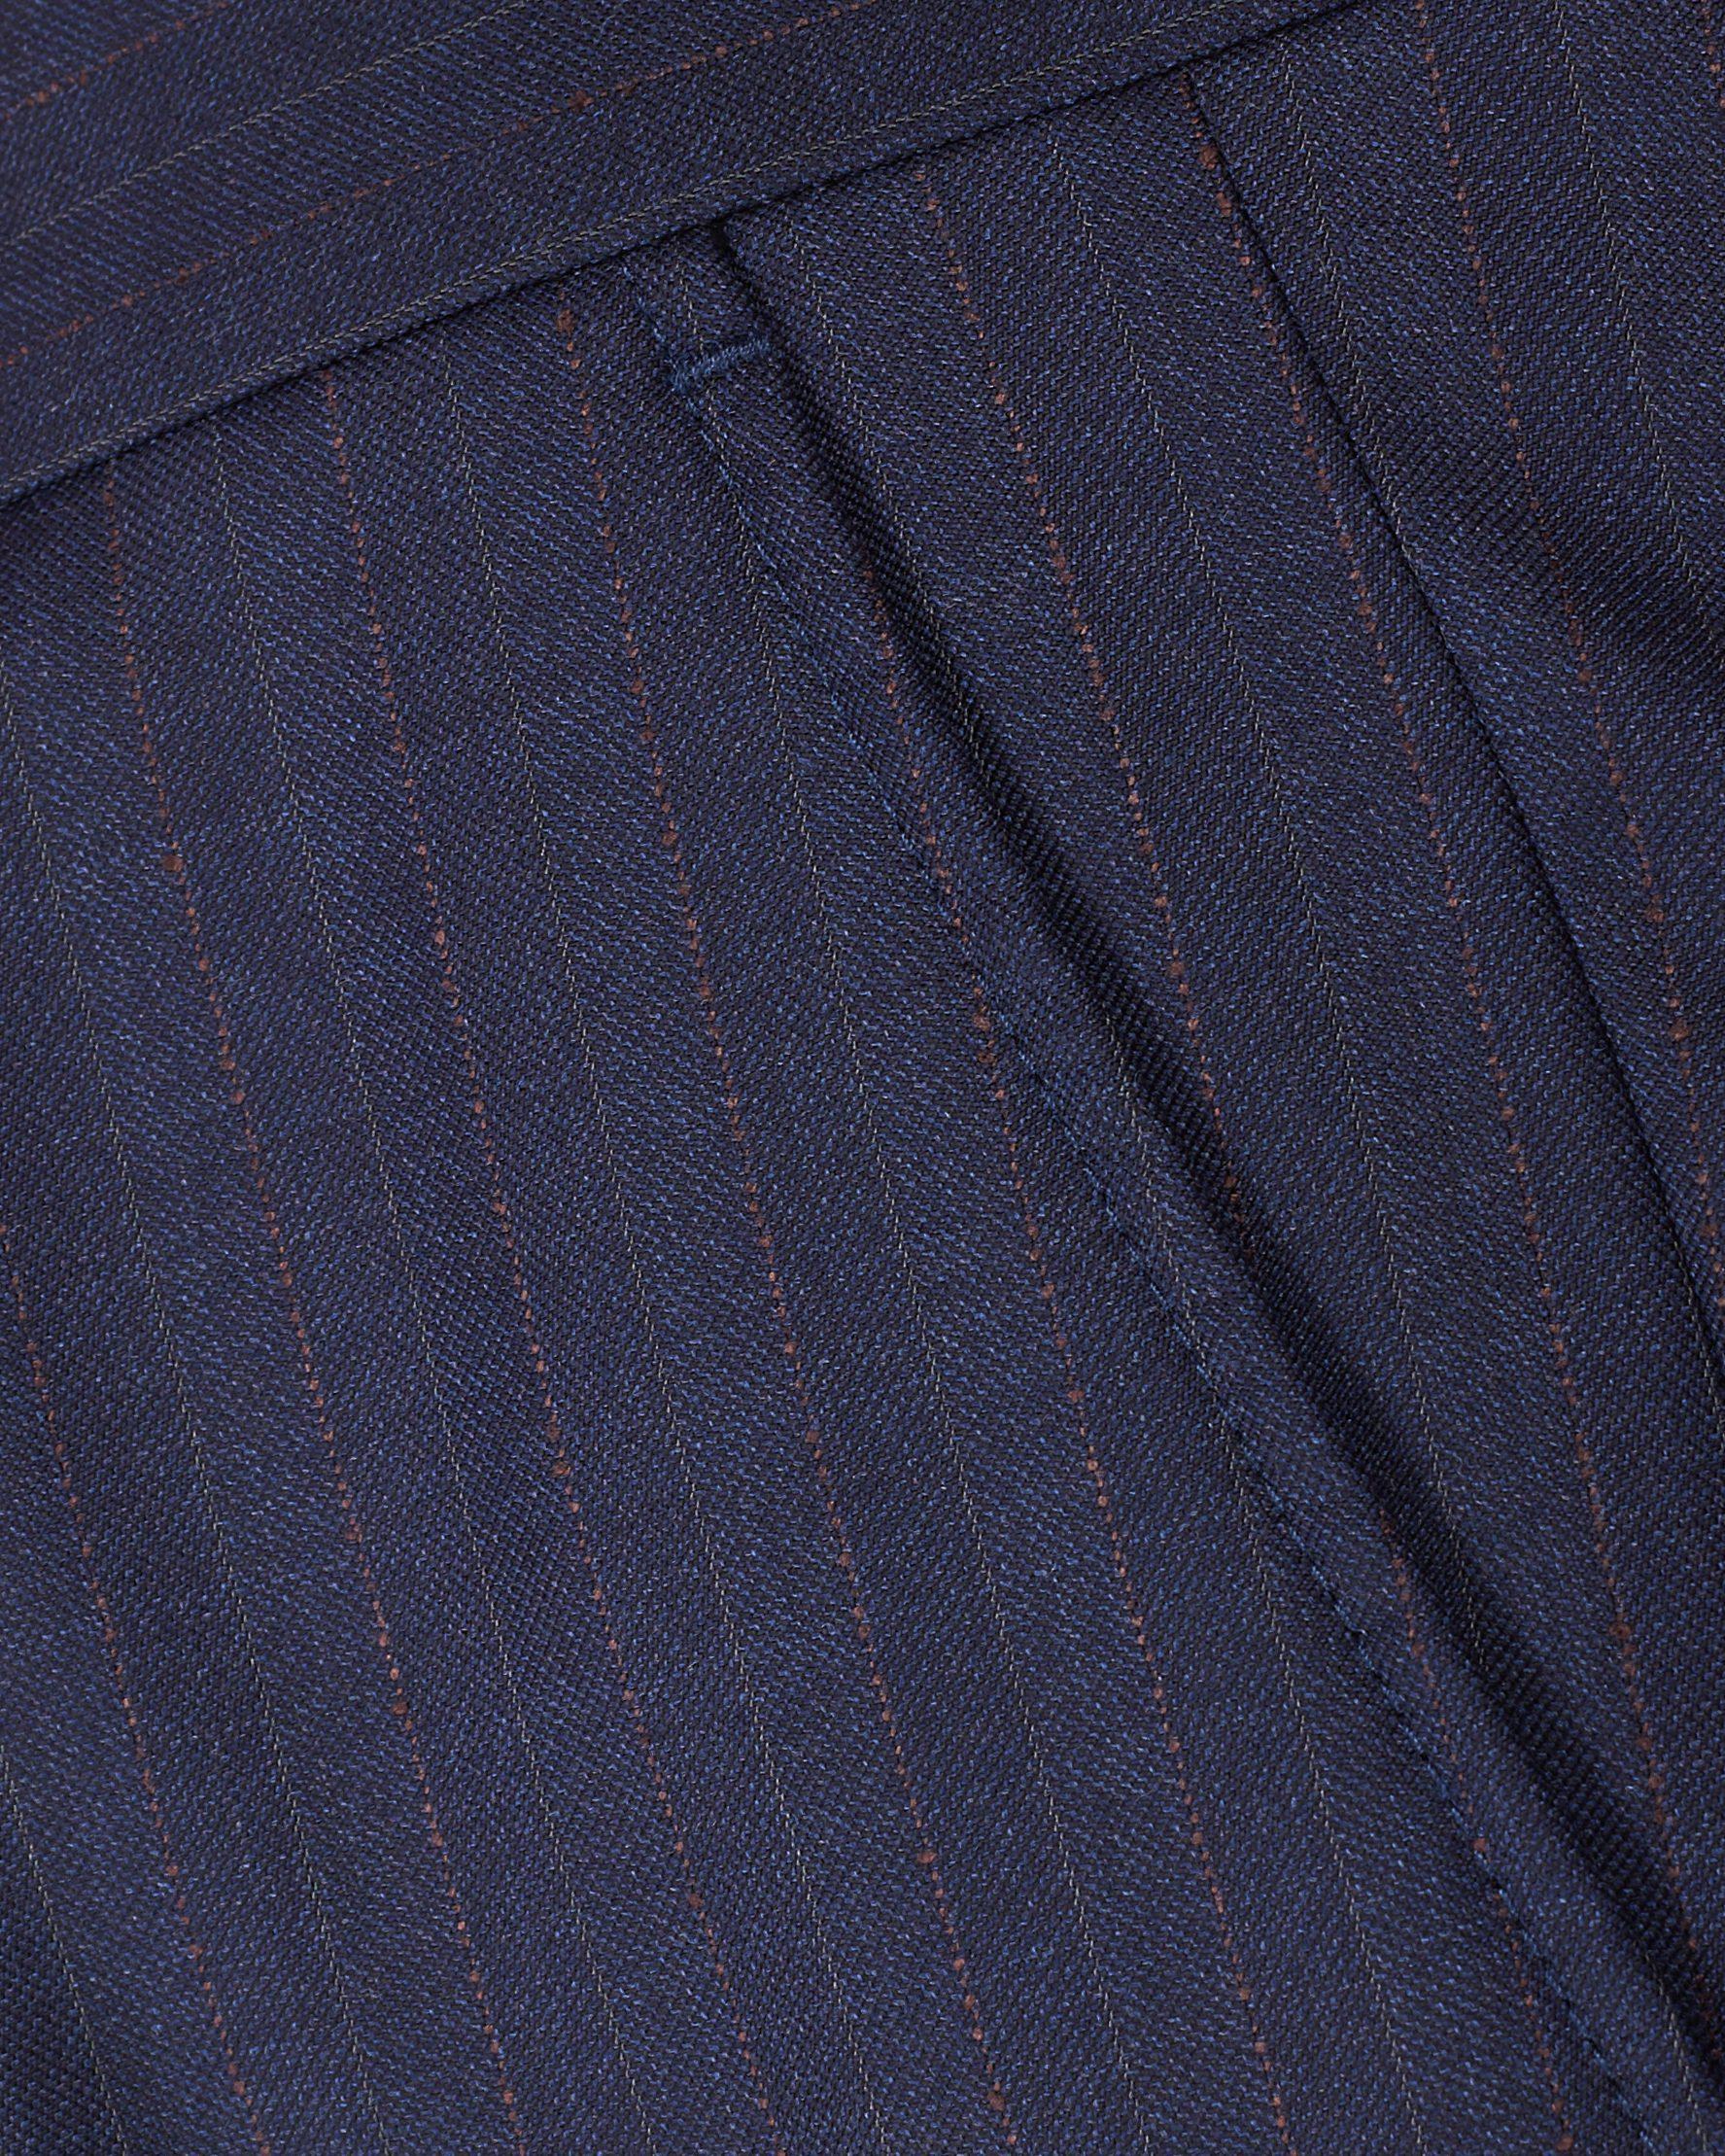 Costum-Barbati-Vitale-Barberis-Canonico-Diplomat-Magazin-Costume-Barbati-Cluj-Napoca-Gentlemens-Boutique-Gold-Soporului-8-Detalii-Pantaloni-